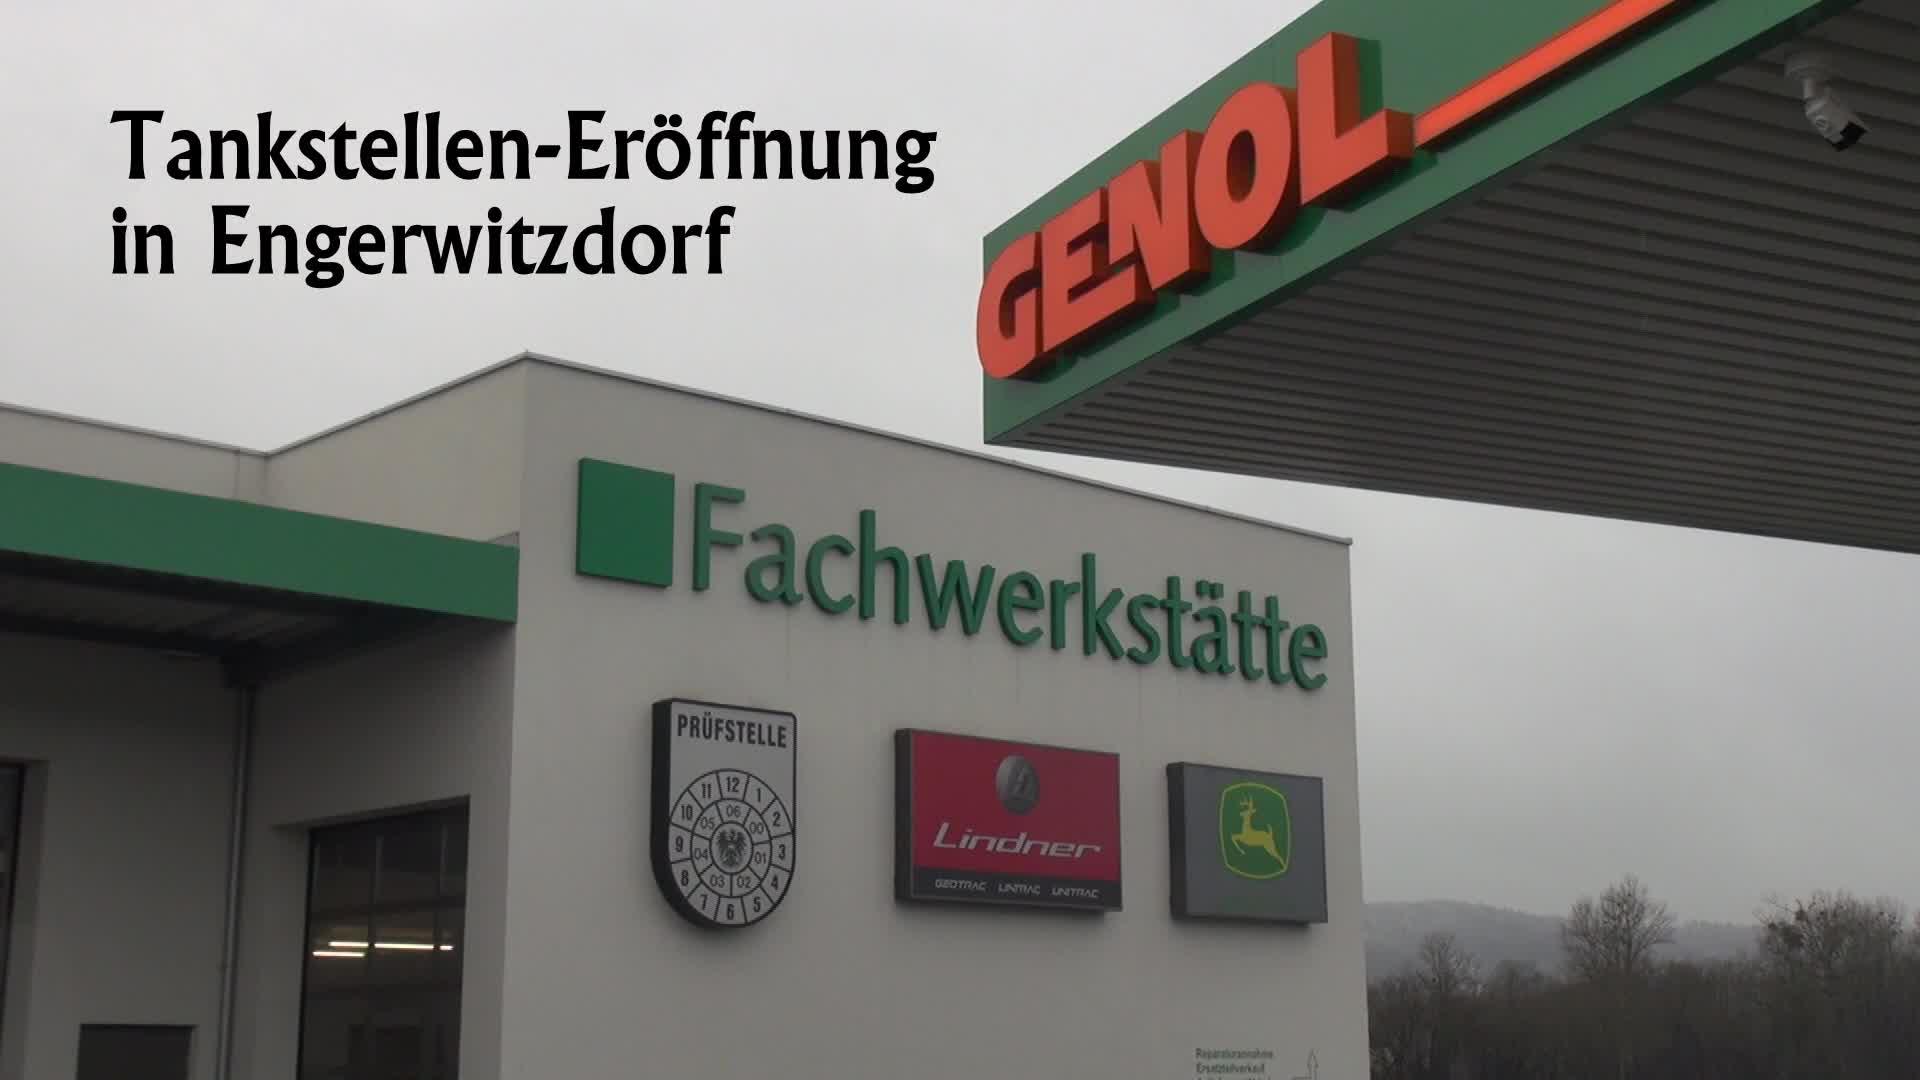 Tankstelleneröffnung in Engerwitzdorf